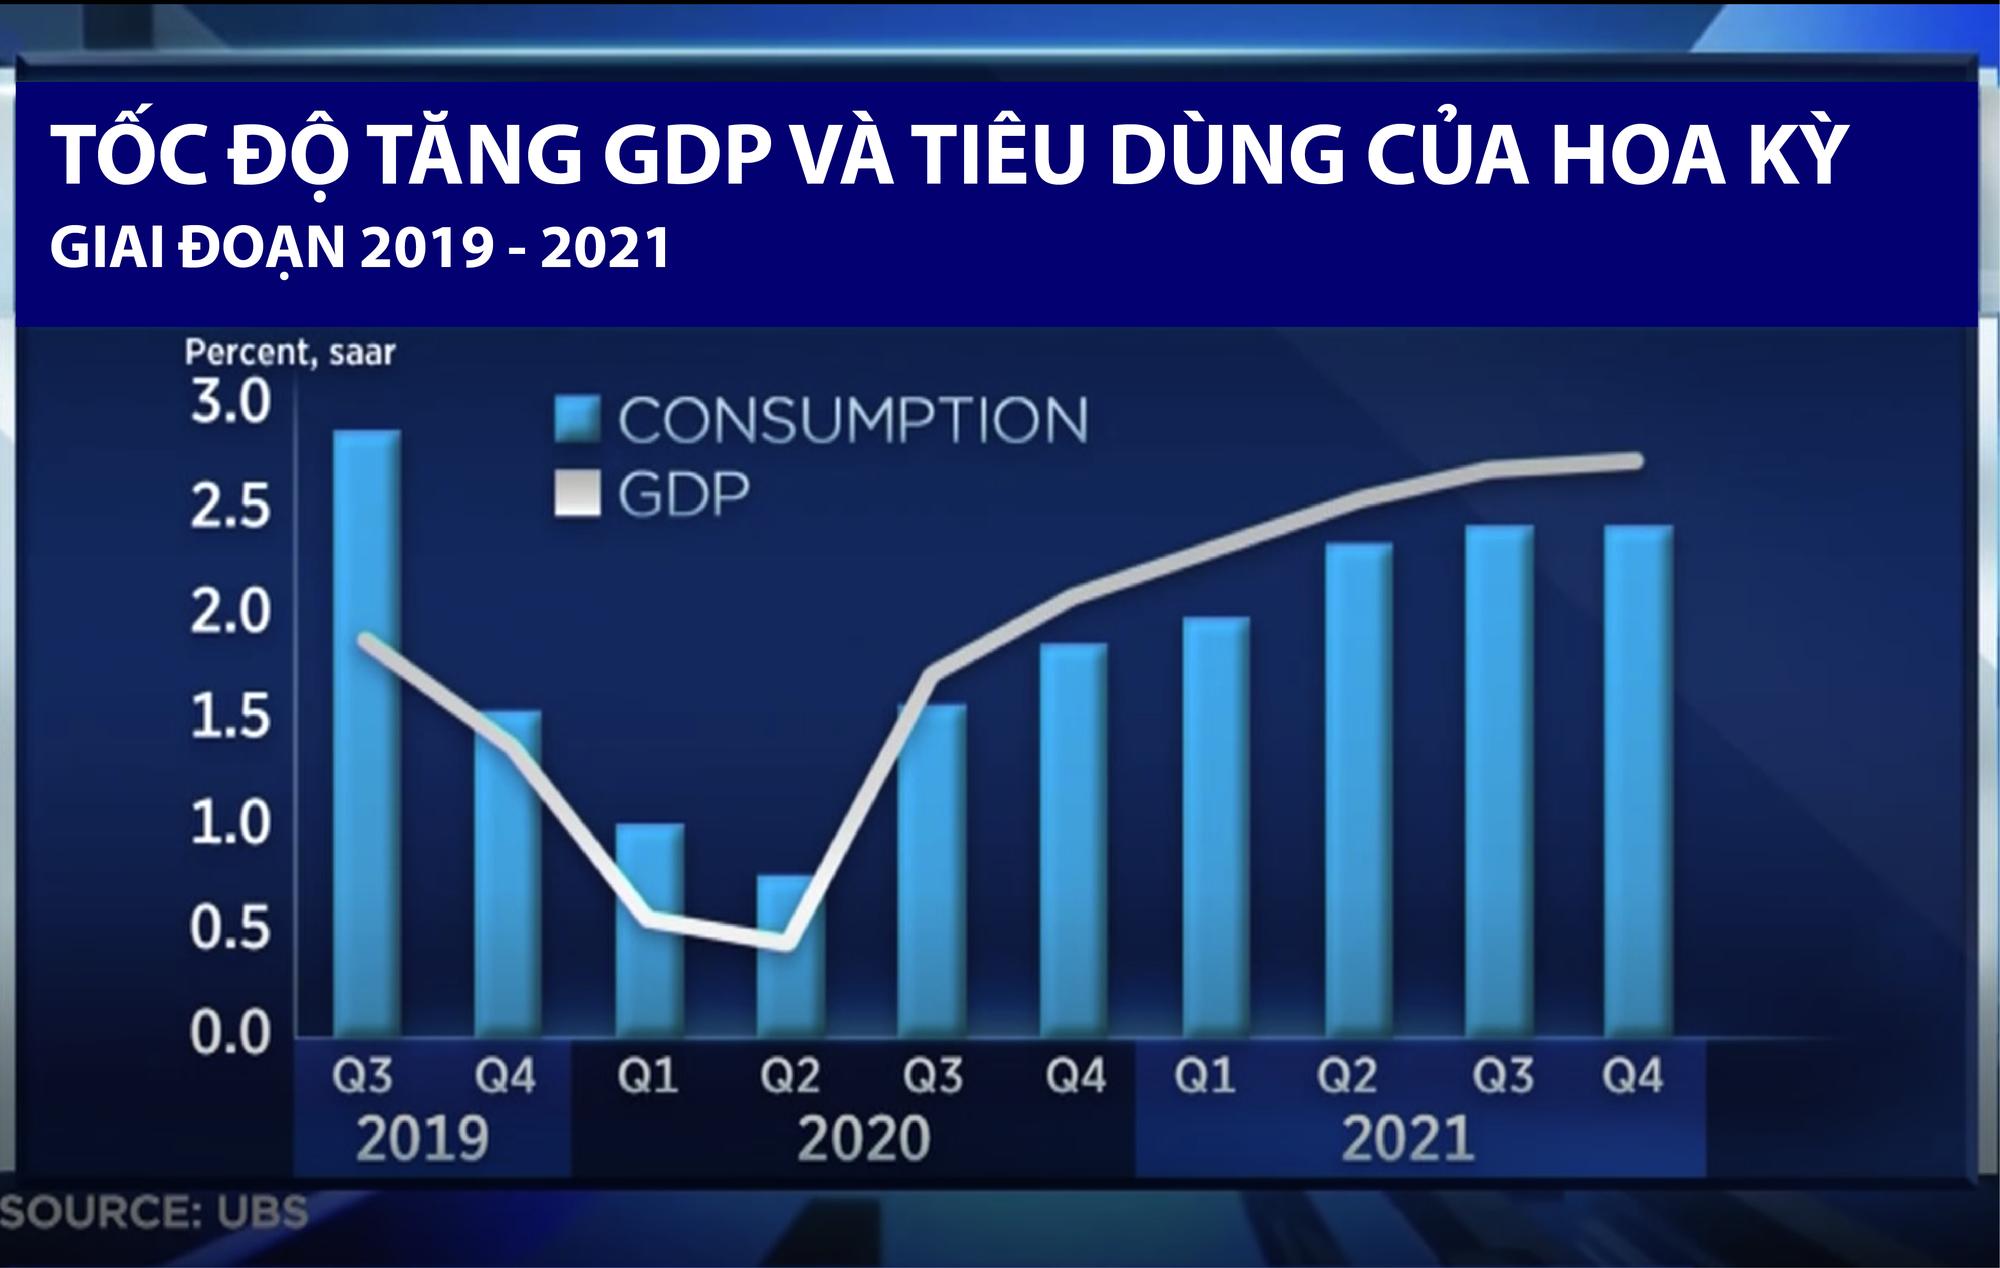 GDP vs Consumption